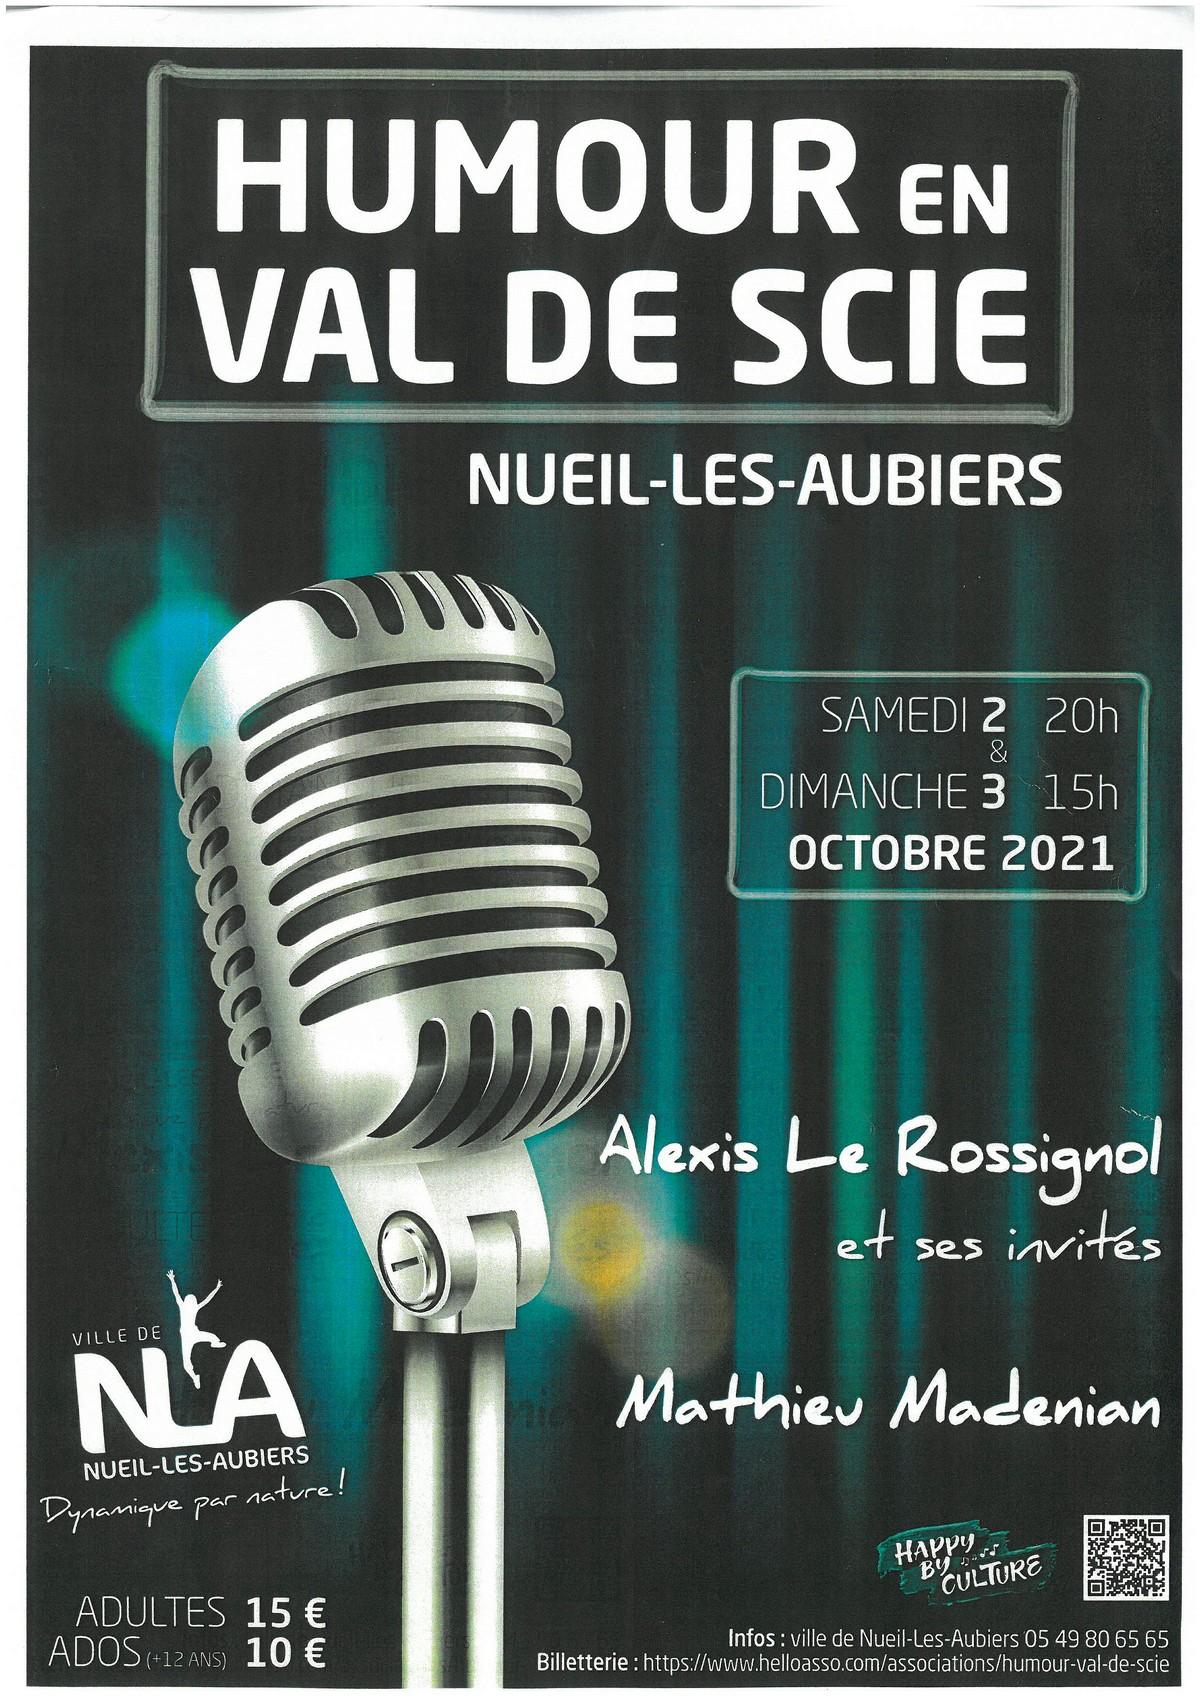 Humour en Val de Scie Nueil-les-Aubiers